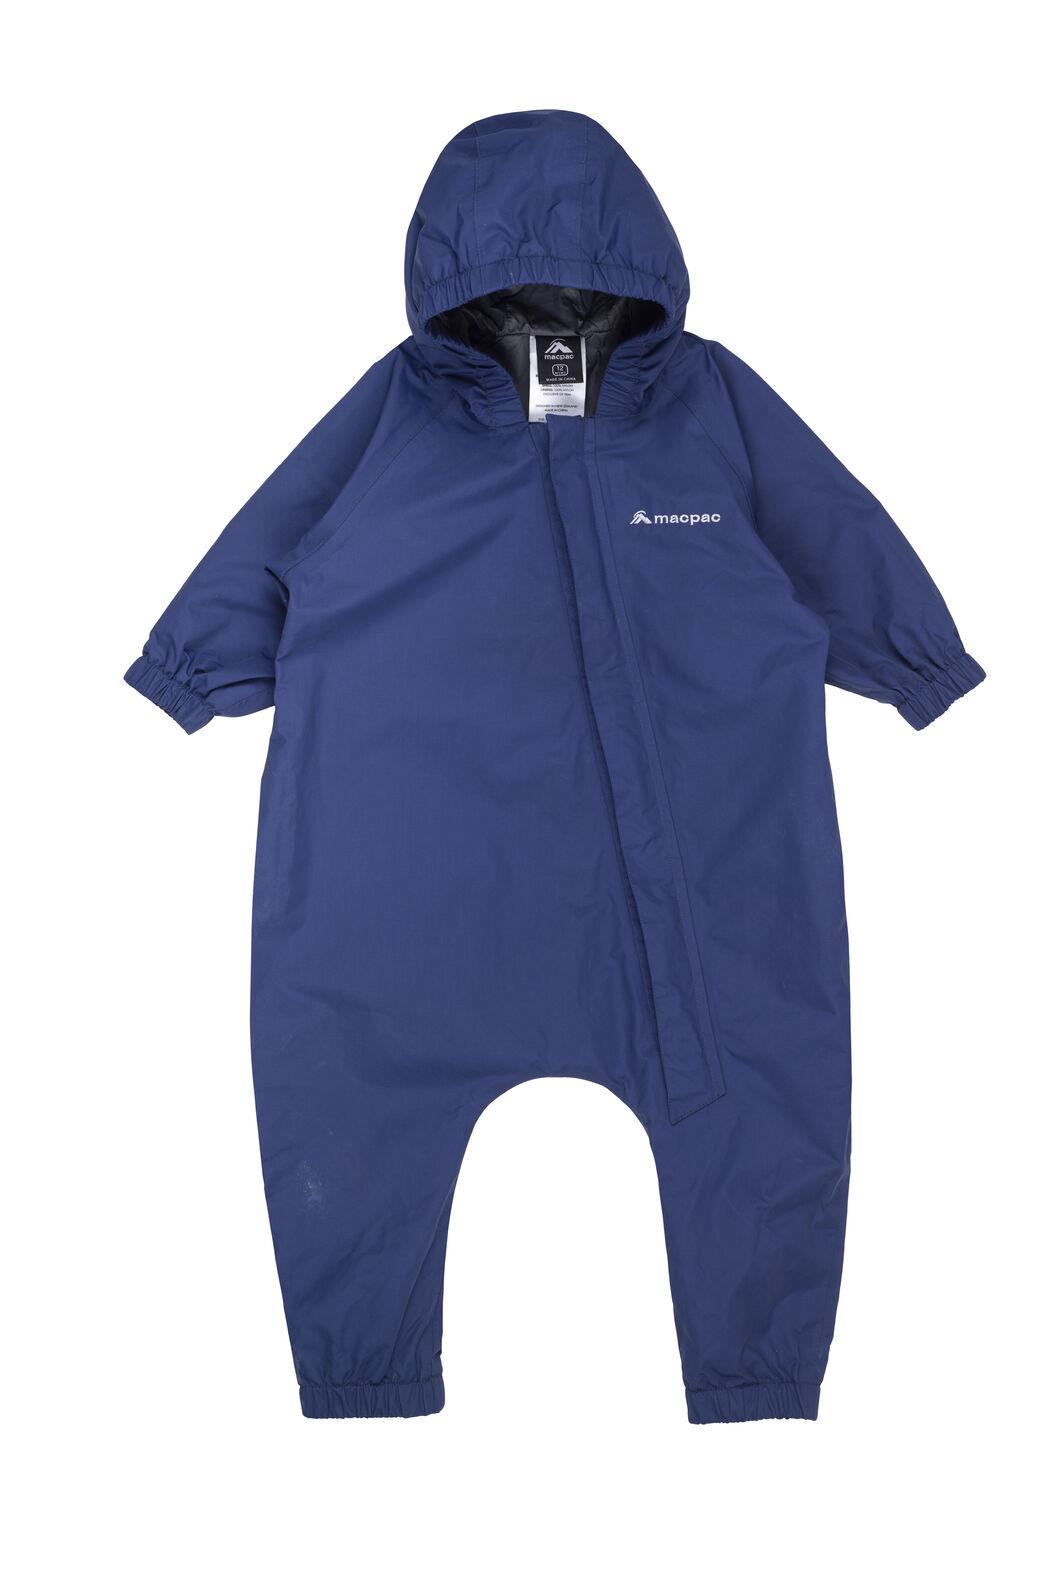 Macpac Dew Drop Onesie — Baby, Medieval Blue, hi-res